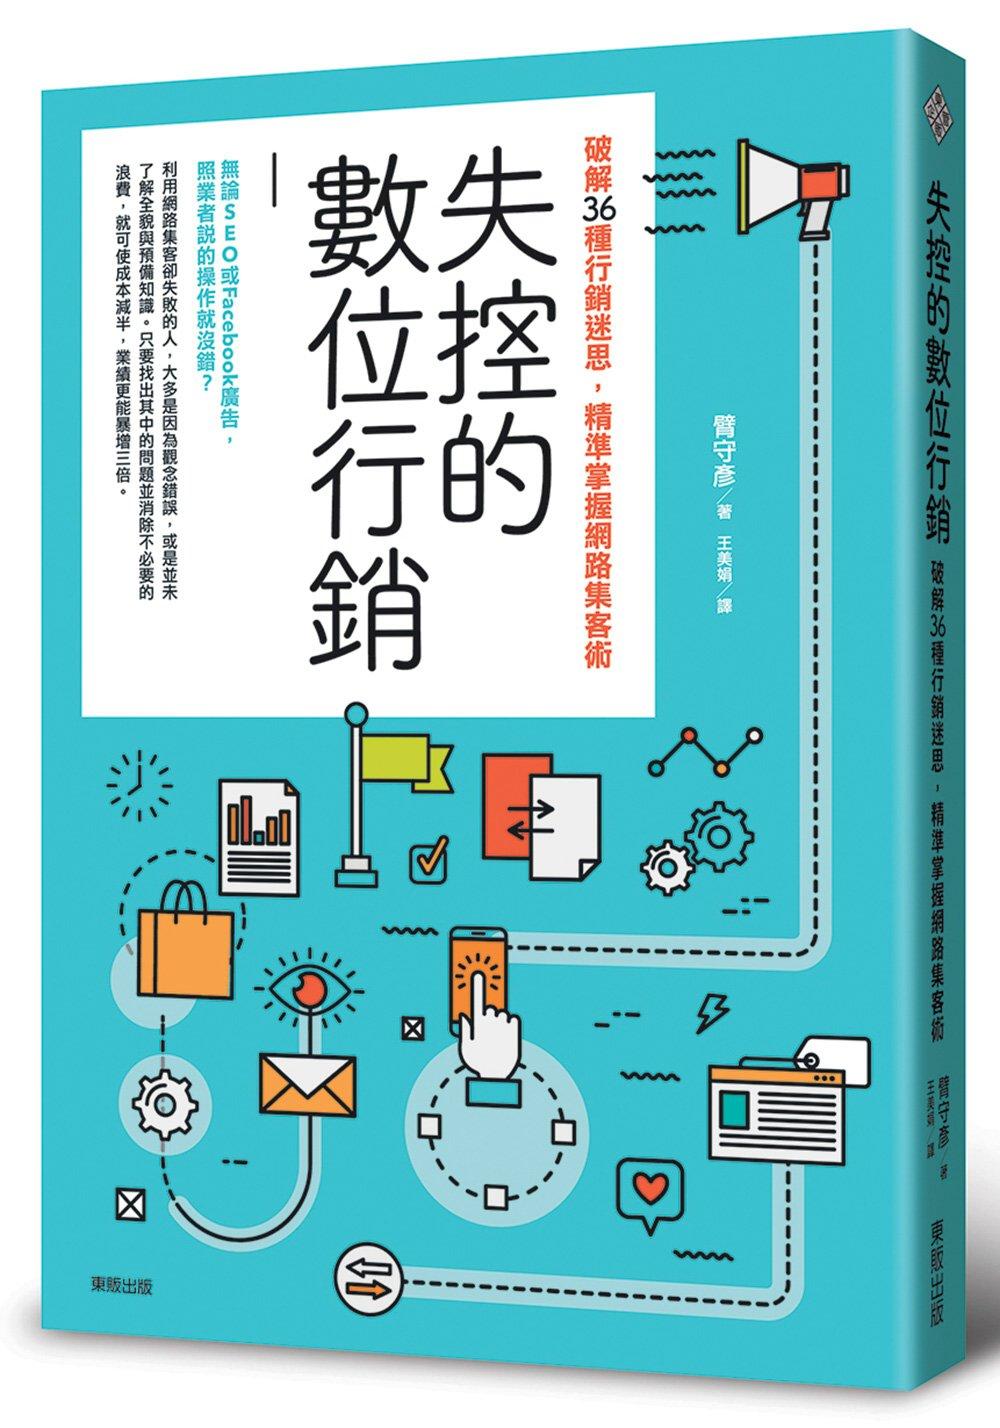 失控的數位行銷:破解36種行銷迷思,精準掌握網路集客術